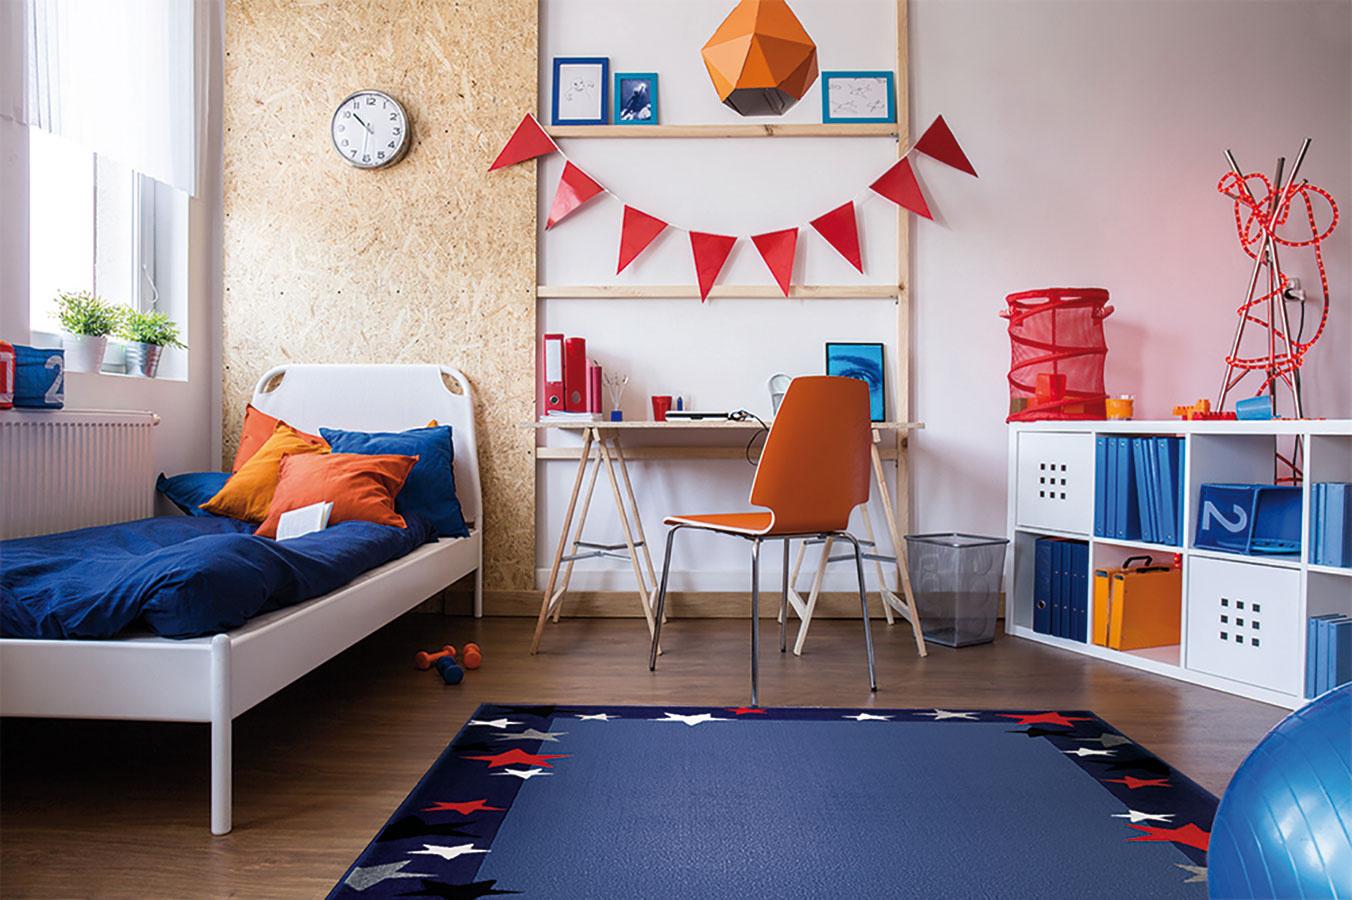 Textílie vo farbách, aké si dieťa samo zvolí, pomôžu hravo dotvoriť detskú izbu. Po čase ich možno vymeniť a dodať priestoru úplne novú náladu. Koberec Weconhome je možné objednať na www.therugseller.co.uk.